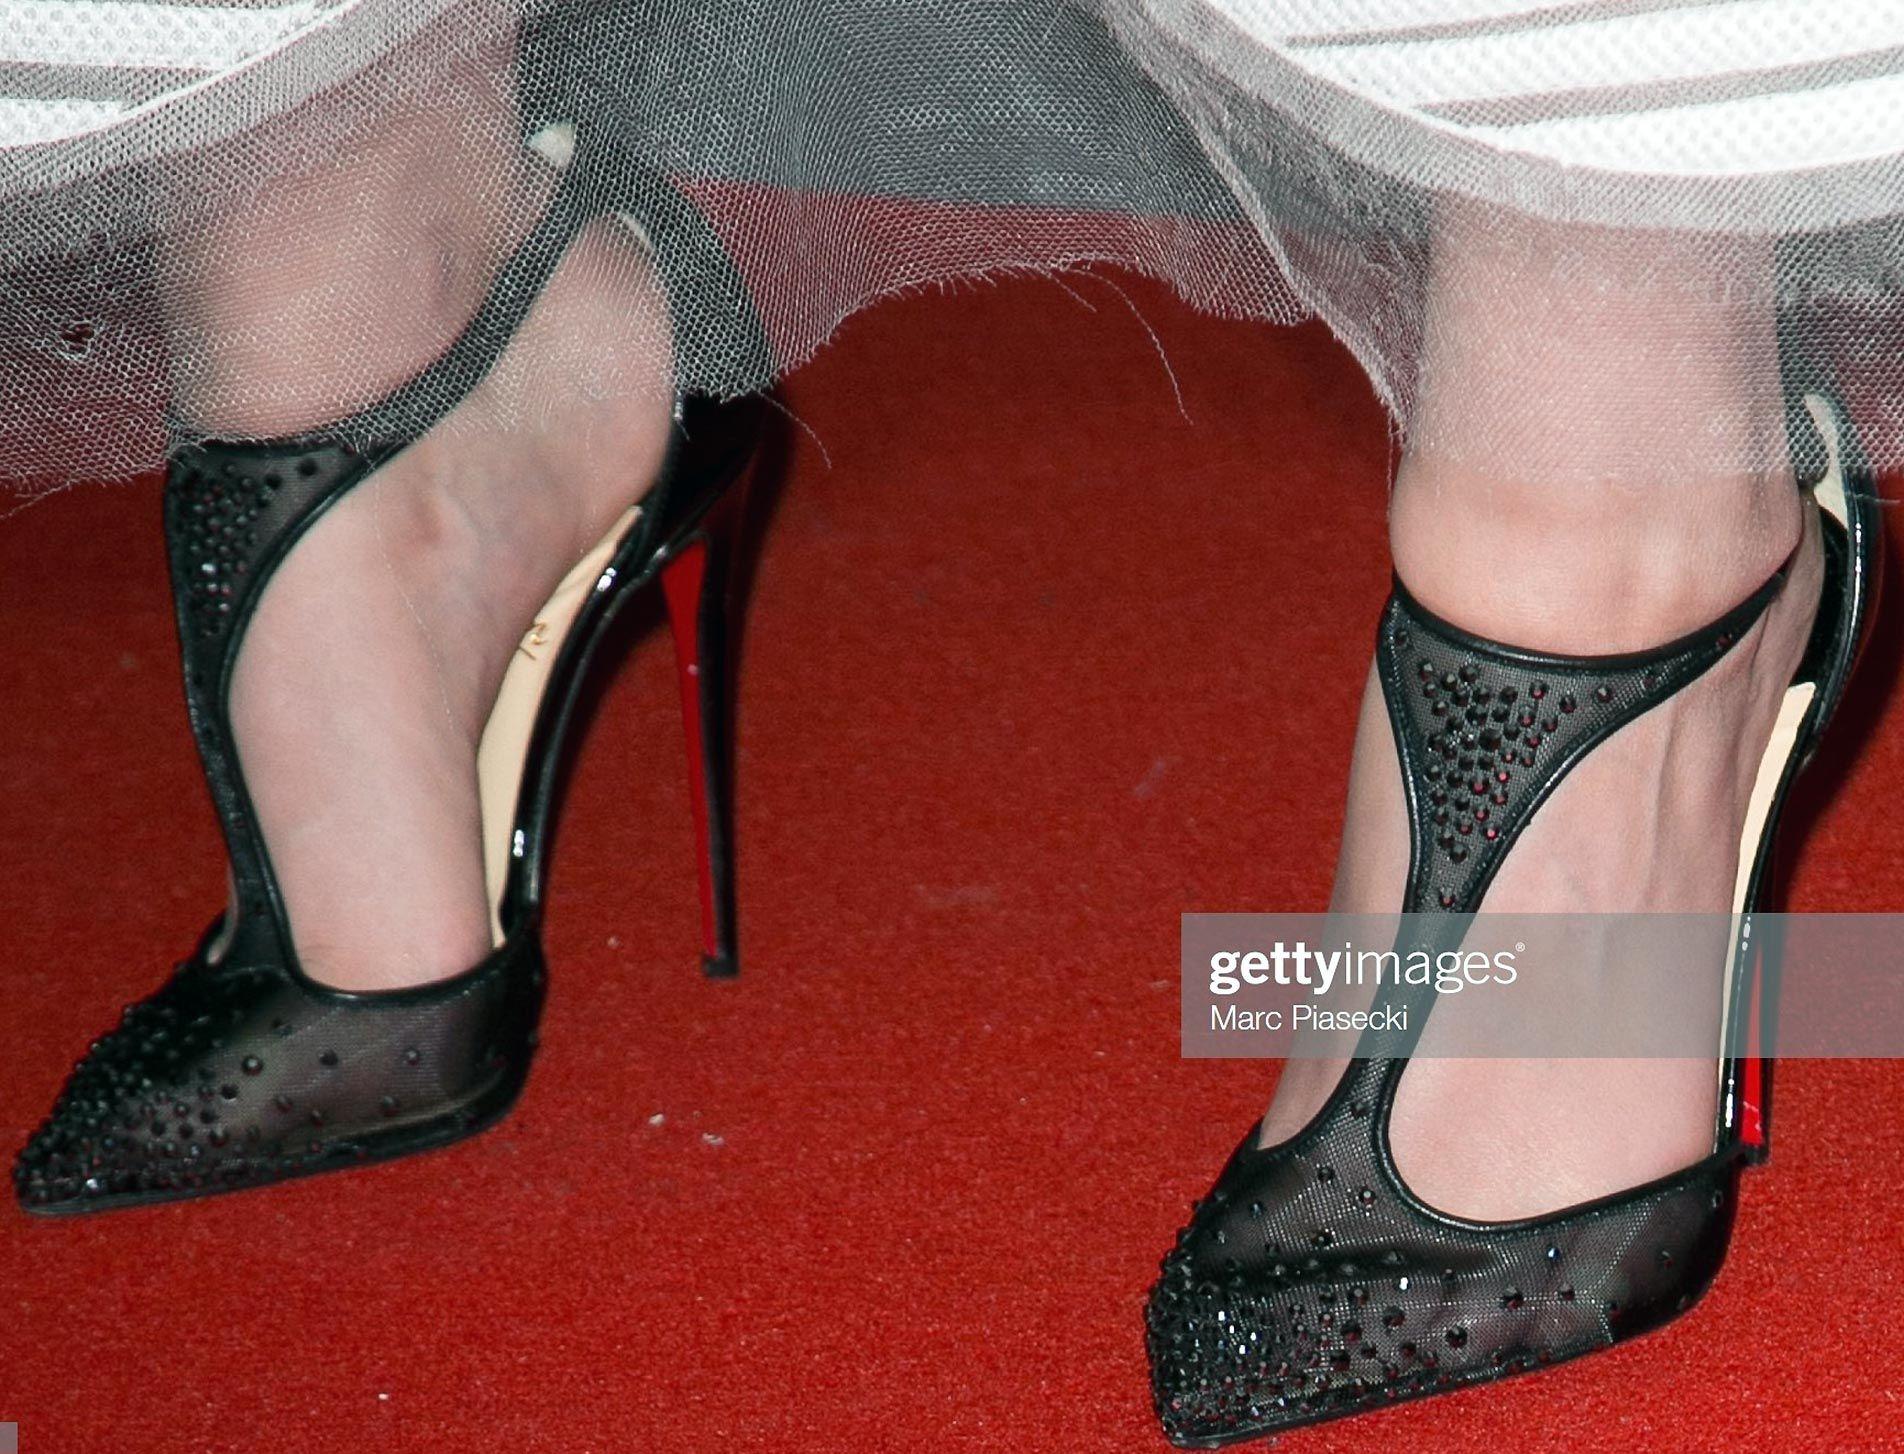 0303051210632 267 Kristen Stewart Nude Feet Porn Leaked Hot